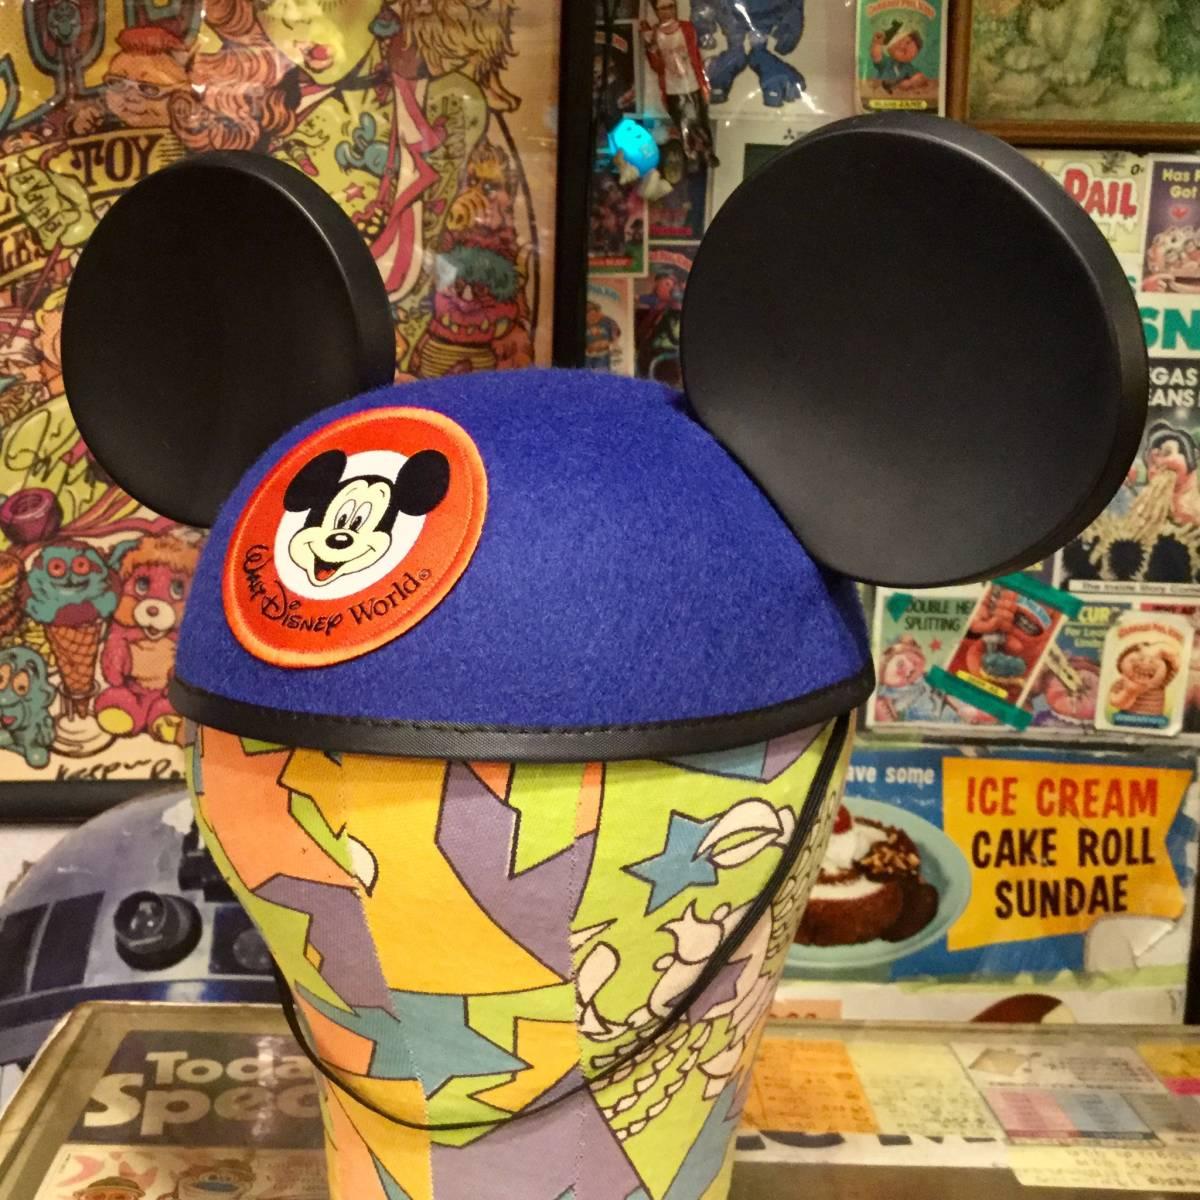 USA ディズニー ワールド 限定 ミッキーマウス イヤー ハット キャップ ブルー MICKEY MOUSE 耳付き 帽子 Disney World ディズニーランド _画像2